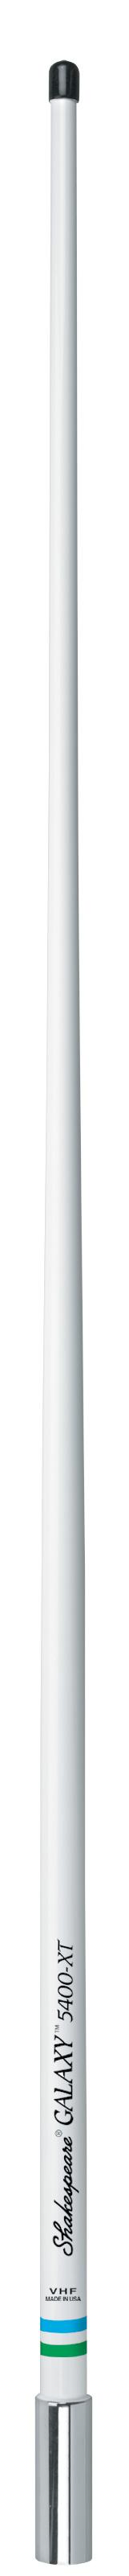 【国際VHF無線アンテナ】シェークスピア GALAXY 4フィート AIS